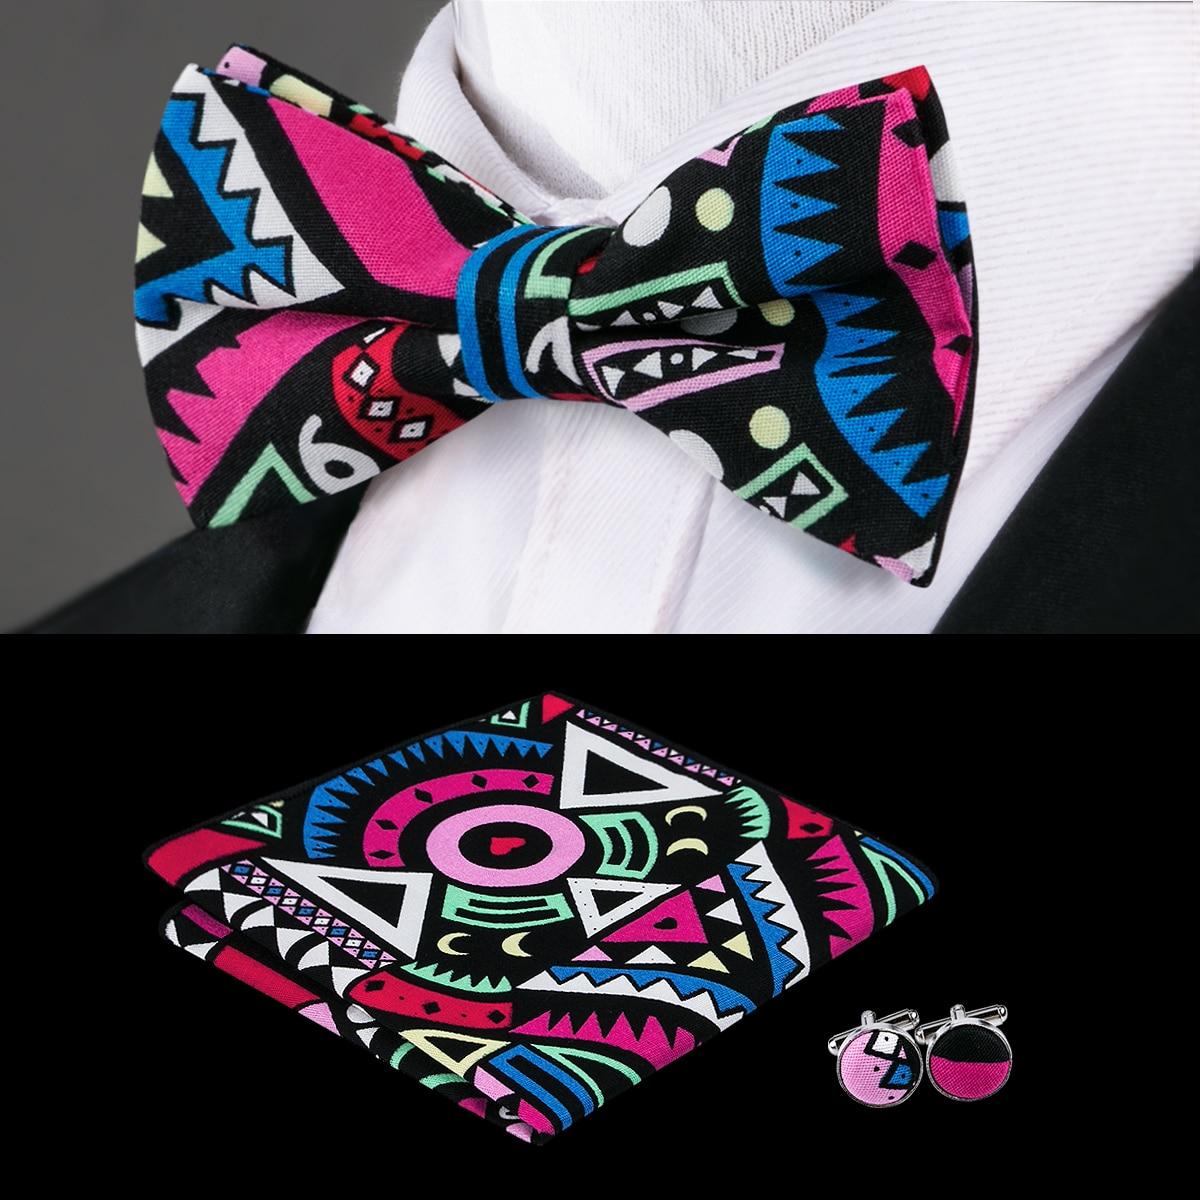 Haben Sie Einen Fragenden Verstand F-685 Hallo-krawatte Neue Entworfene Mens Fliege Set Candy Farbe Bowtie Taschentuch Manschettenknöpfe Geometrische Baumwolle Fliege Für Männer Corbatas Bekleidung Zubehör